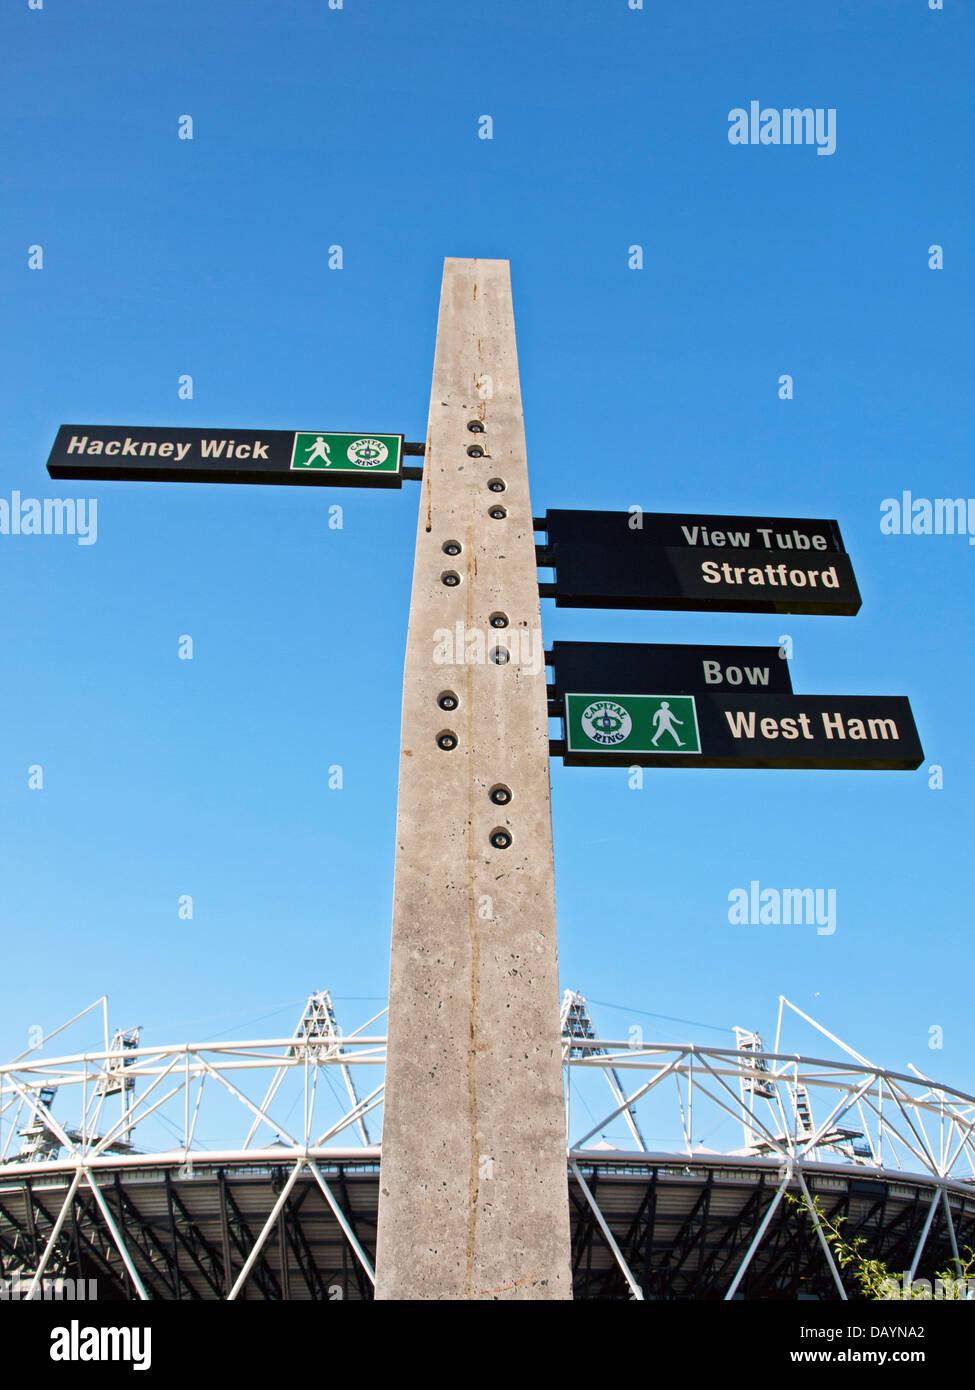 Vue sur le stade olympique, le stade de l hôte pour l été 2012 Jeux  Olympiques et Paralympiques, situé dans le Parc olympique de Stratford, 7c3071de09d